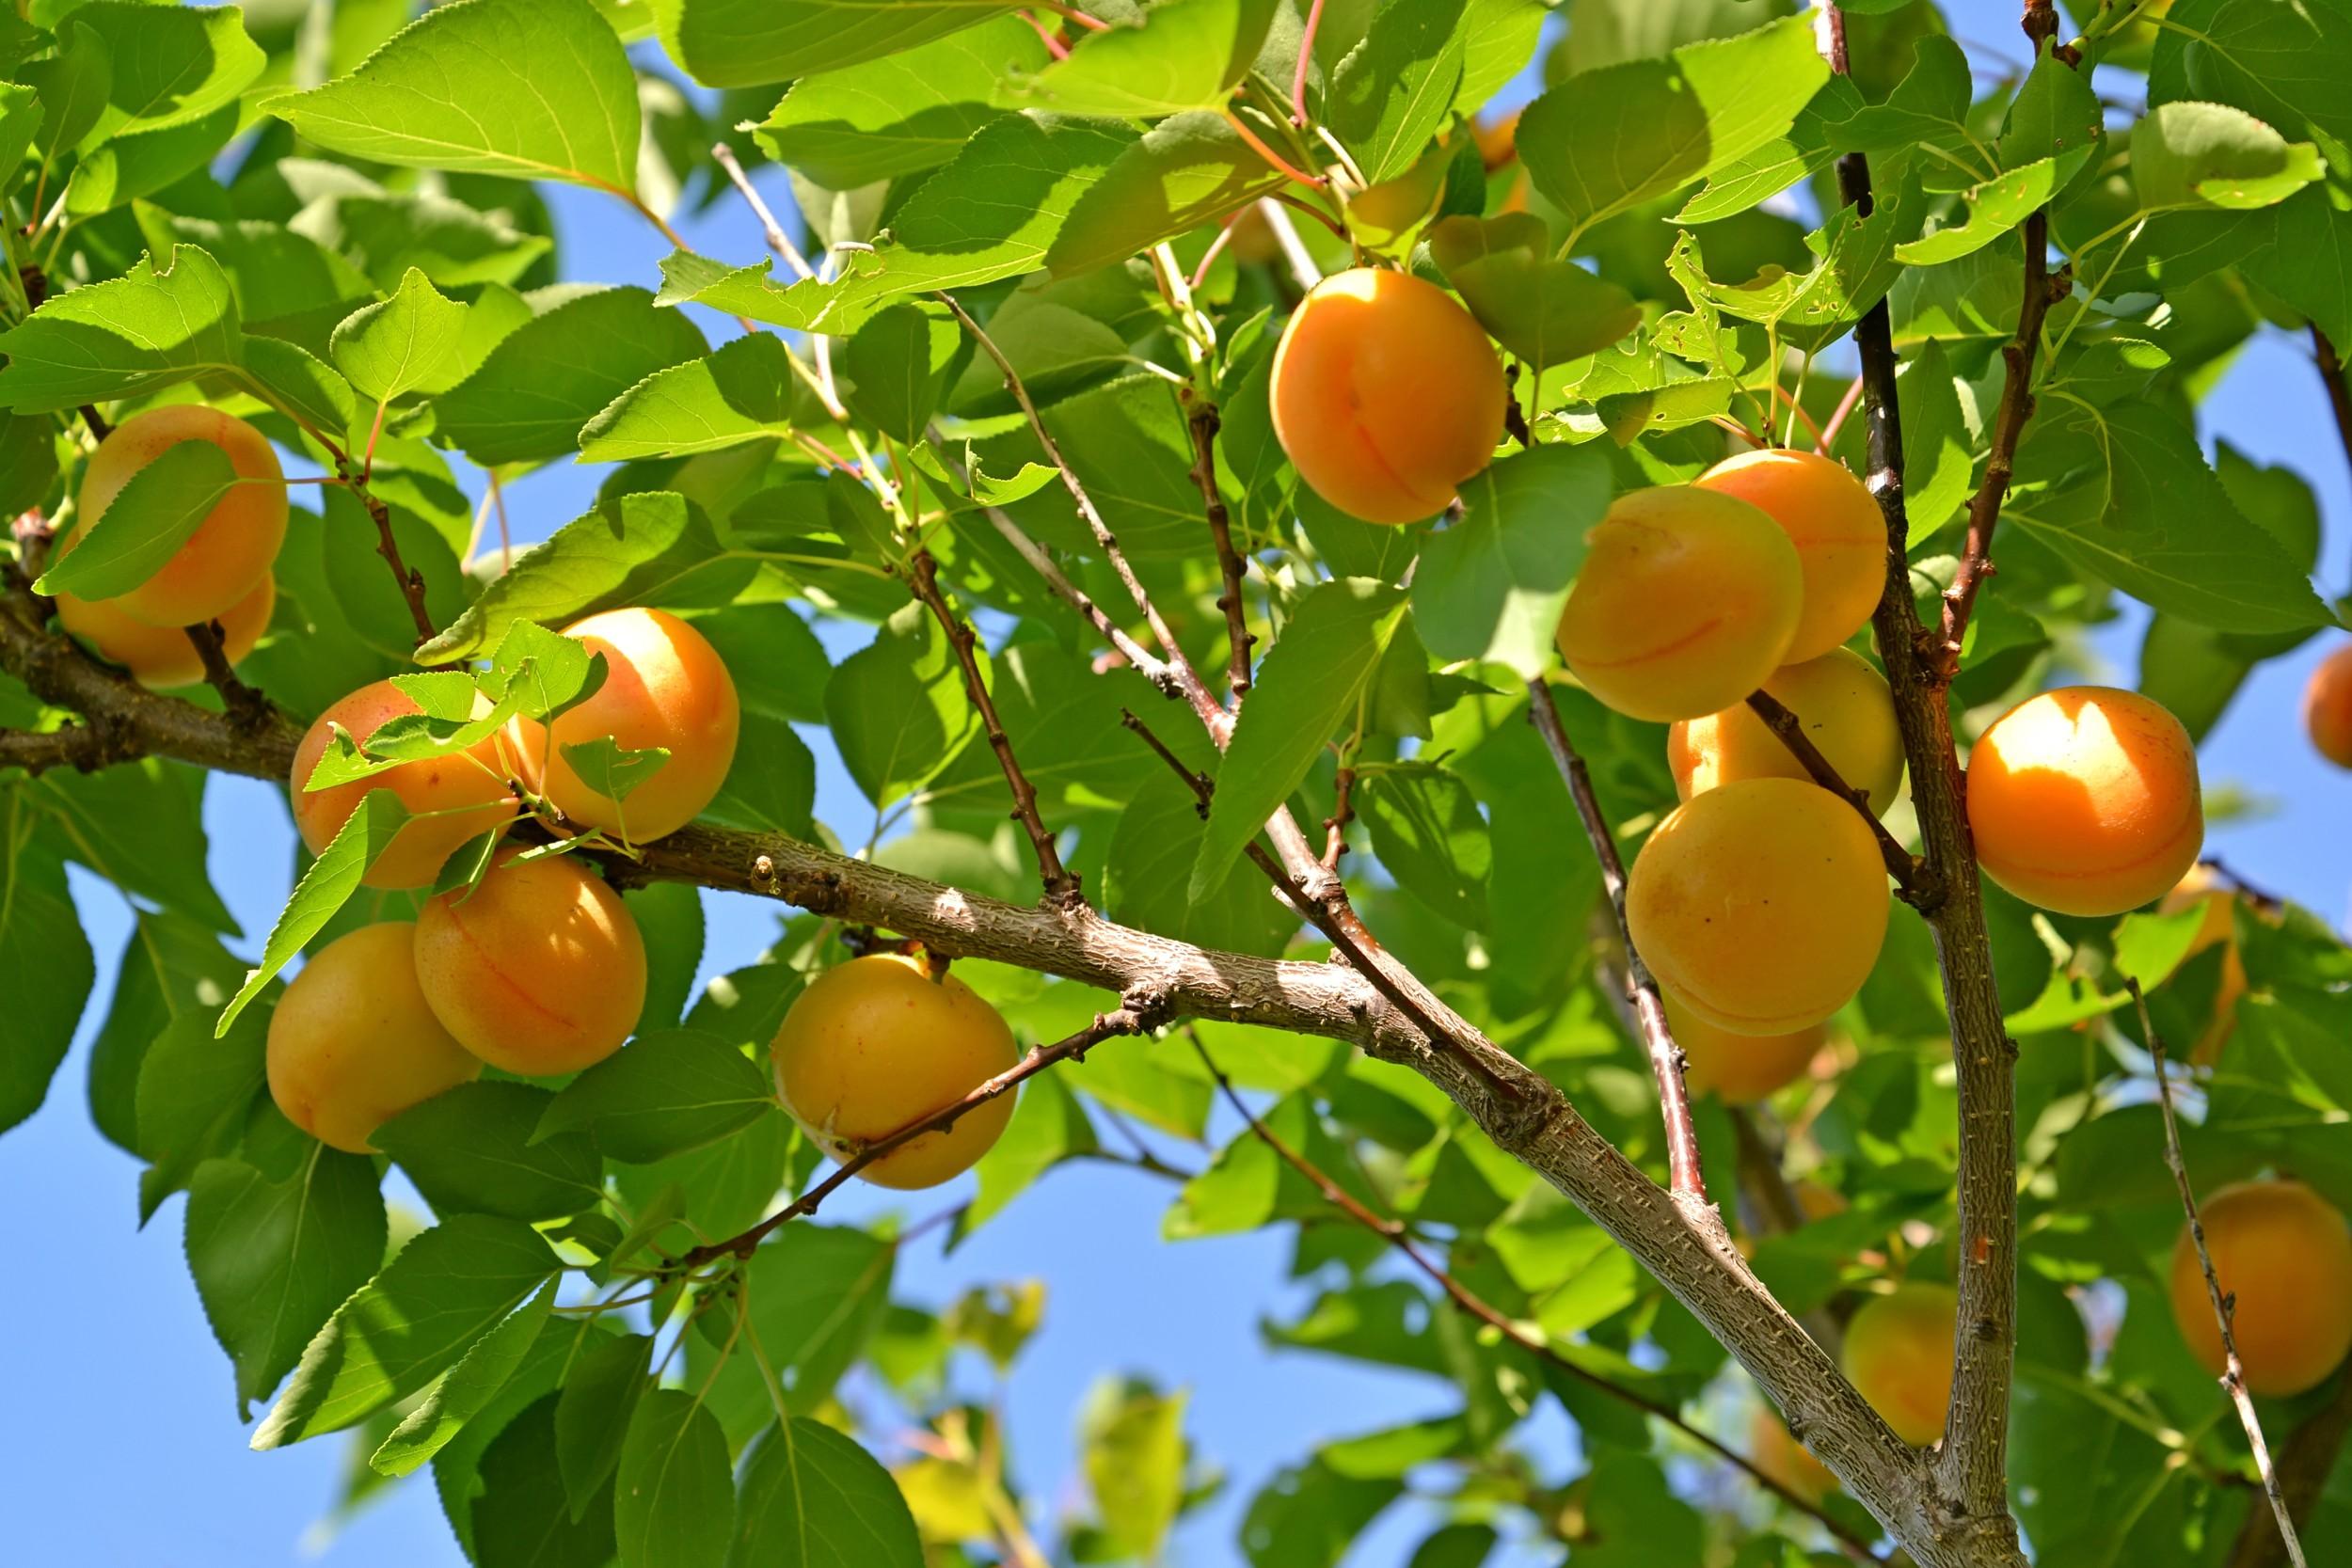 Damasco damasqueiro frutas infoescola - Fotos de damasco ...